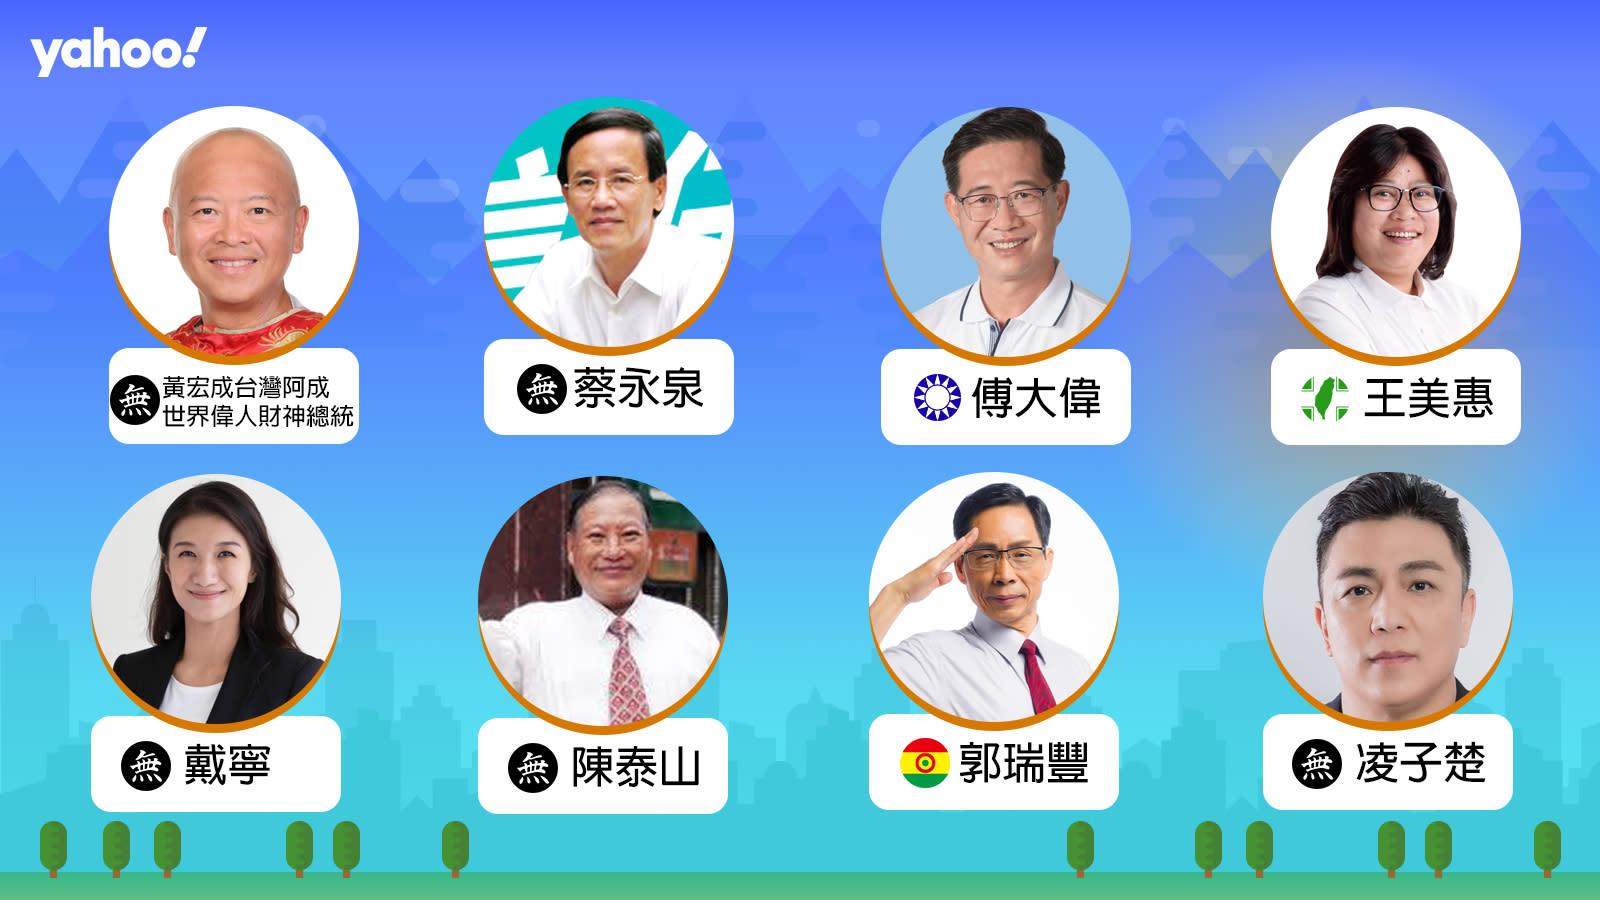 2020立委選舉嘉義市選區,你支持誰?